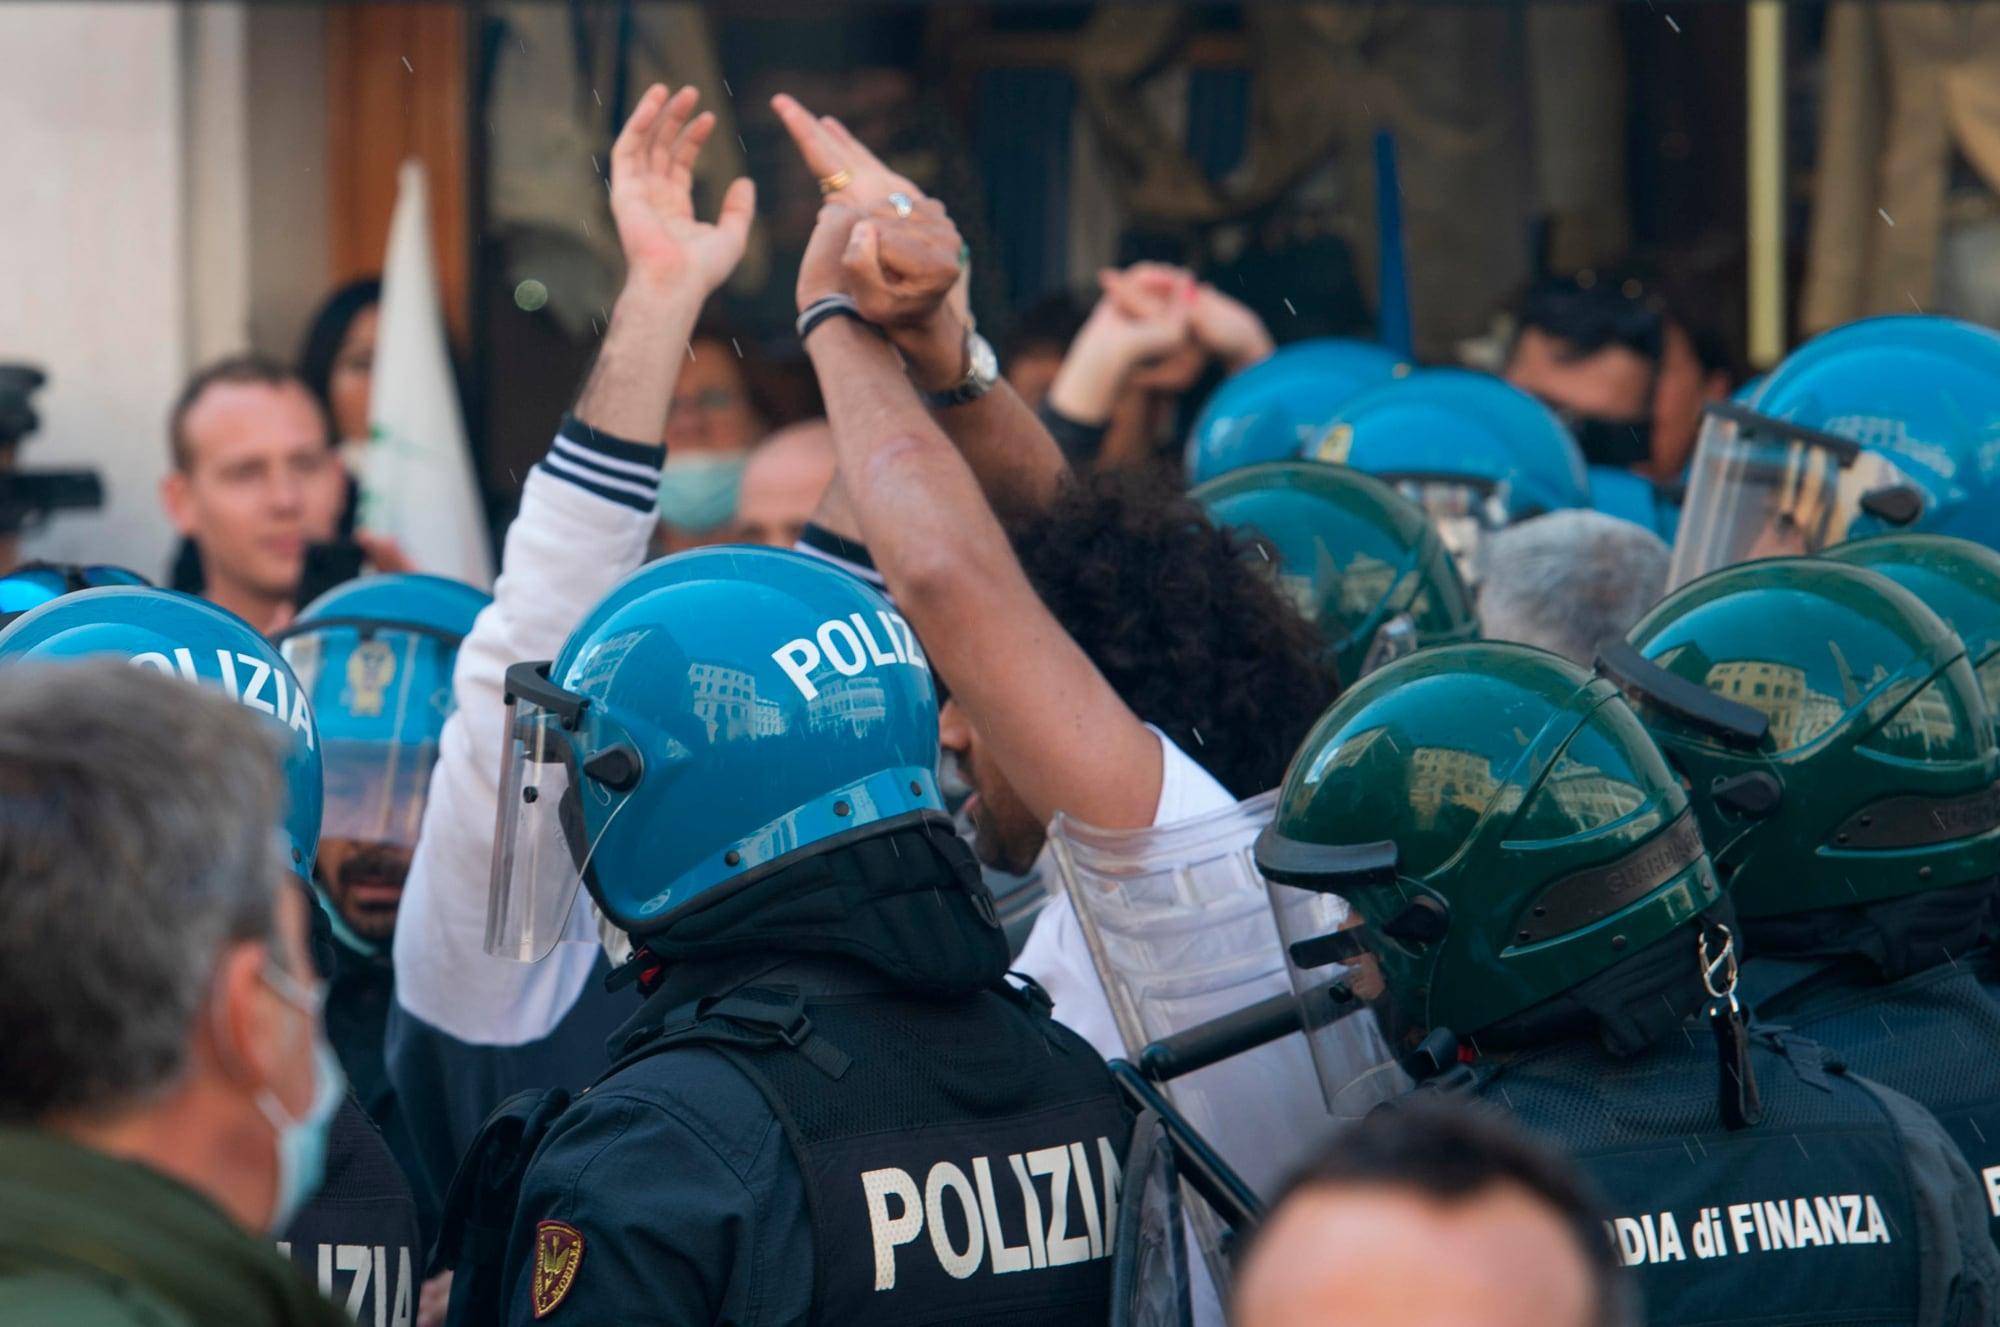 Manifestazione #Ioapro, cariche della polizia e scontri a Roma